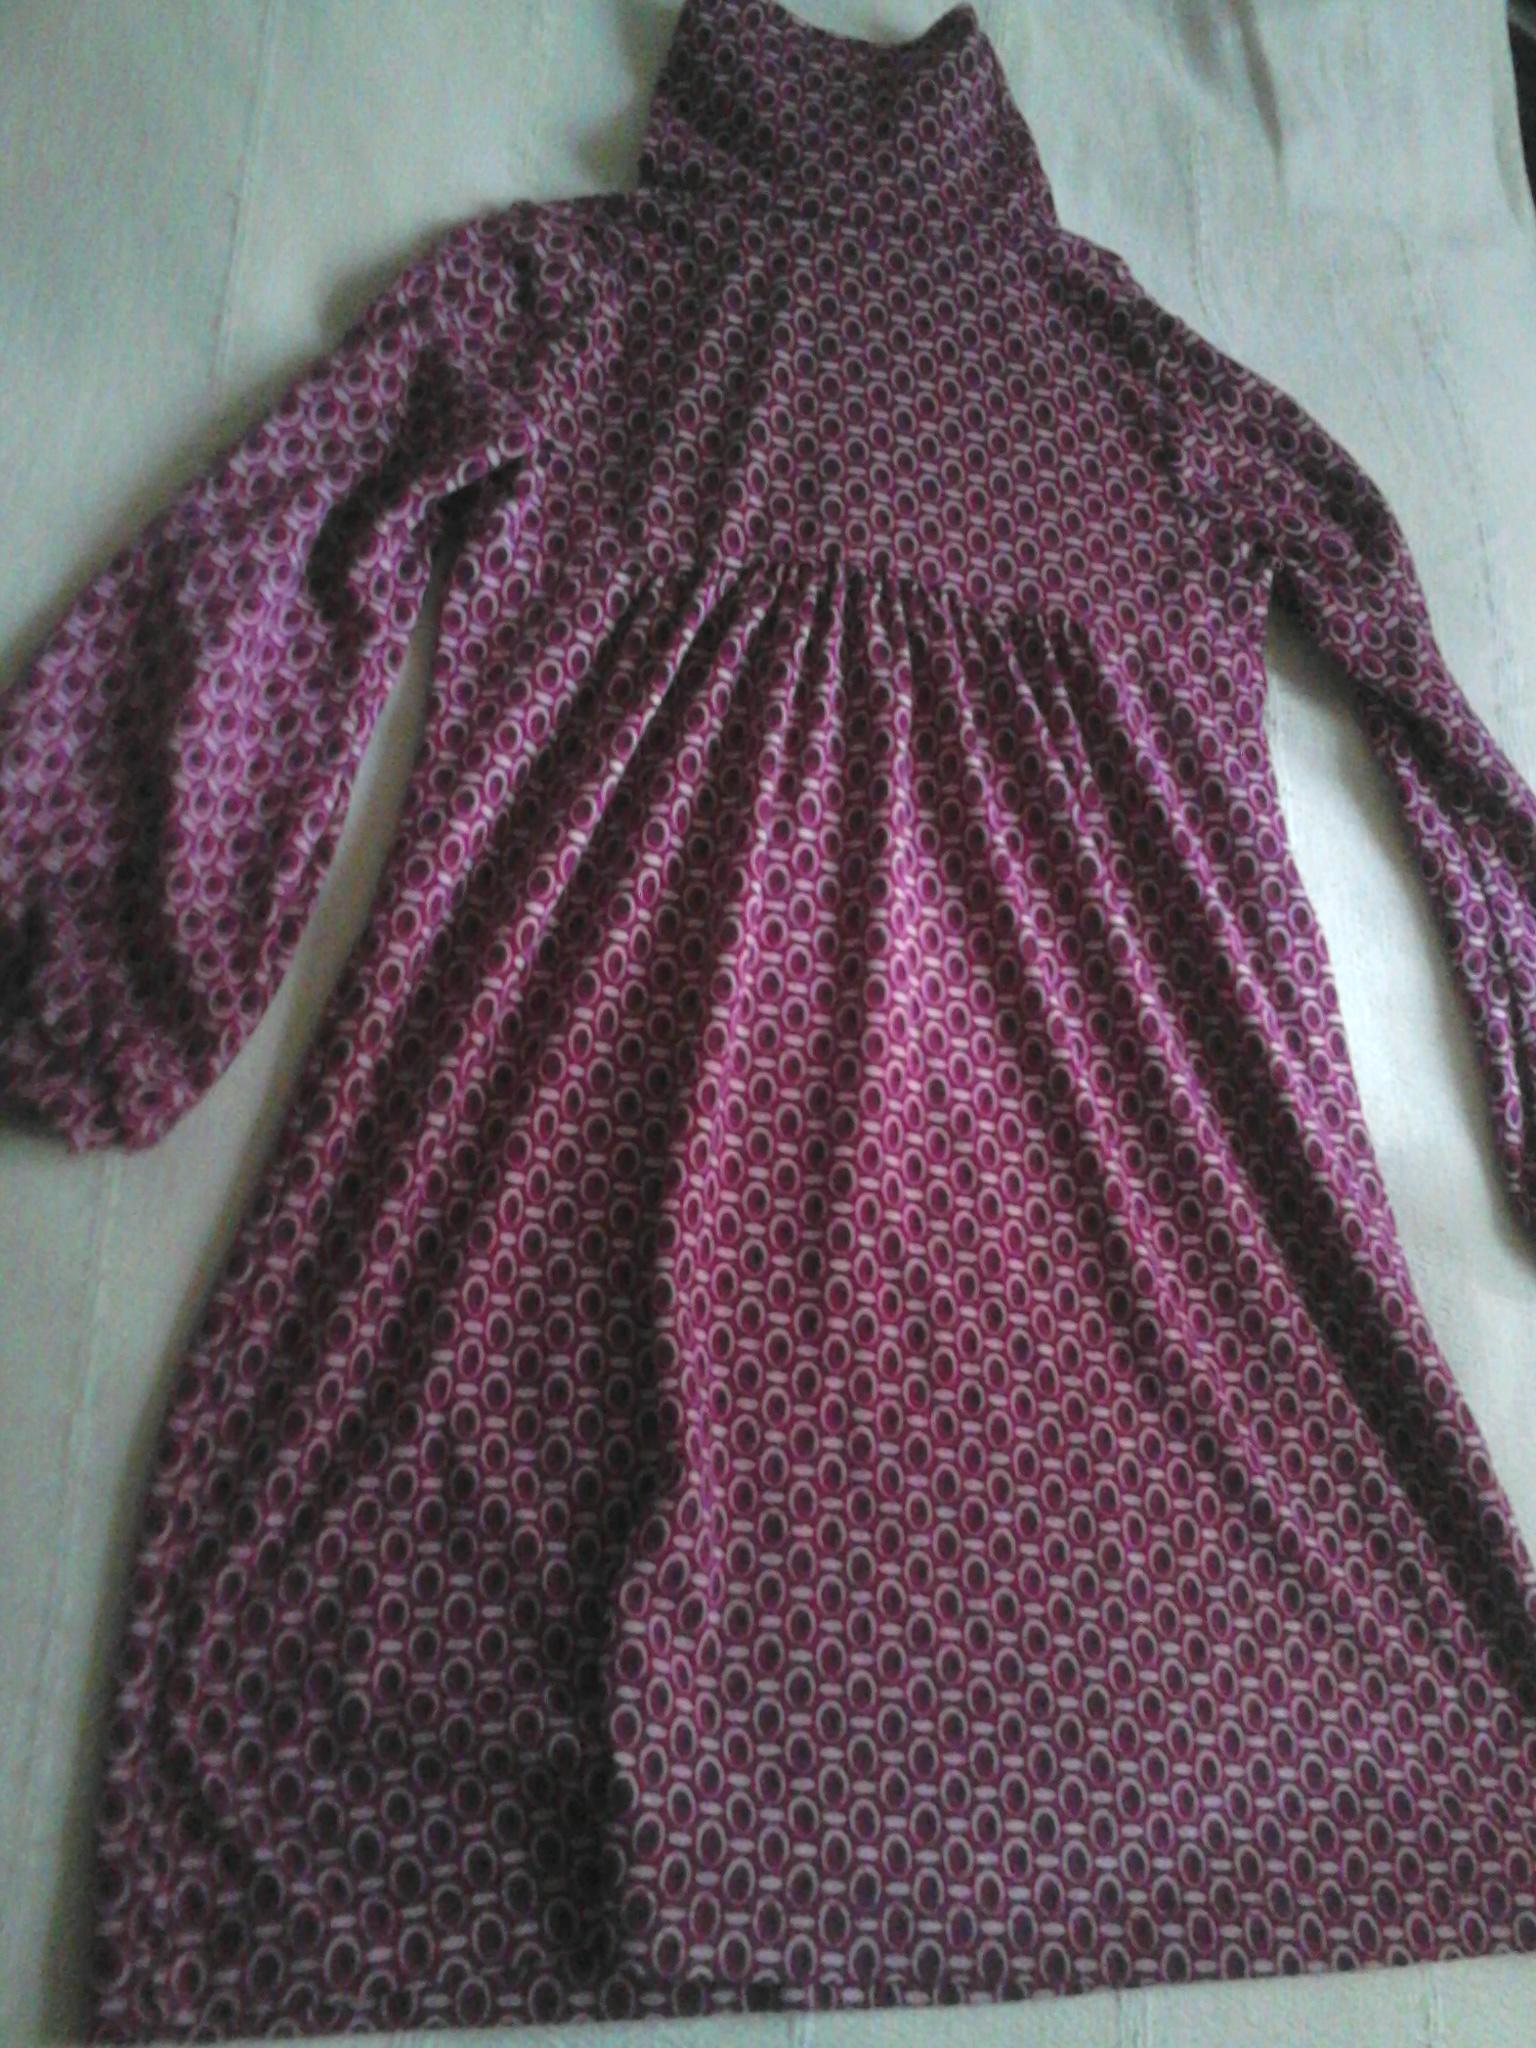 troc de troc robe tape a l'oeil 7 ans image 0